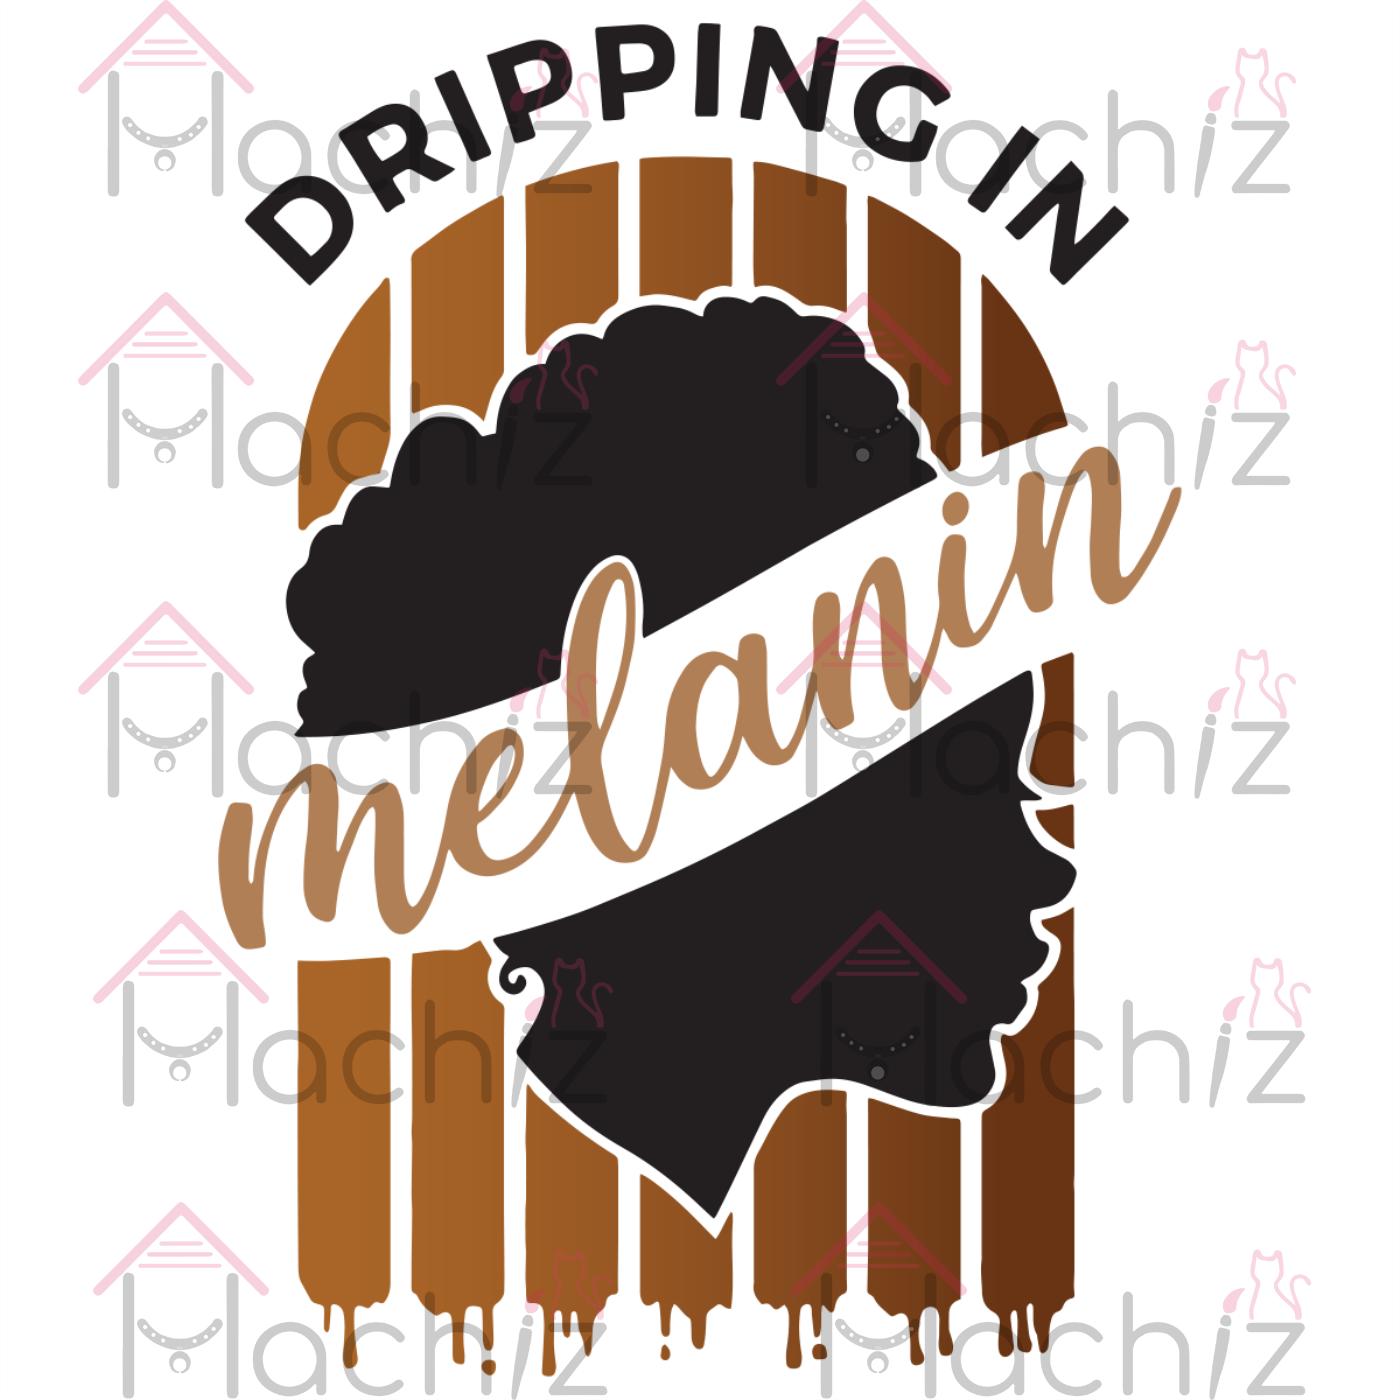 Dripping in melanin, trending svg,black girl svg,black woman svg, black girl magic, black queen svg, melanin, melanin svg, american girl,melanin queen svg, african queen svg, african girls svg,